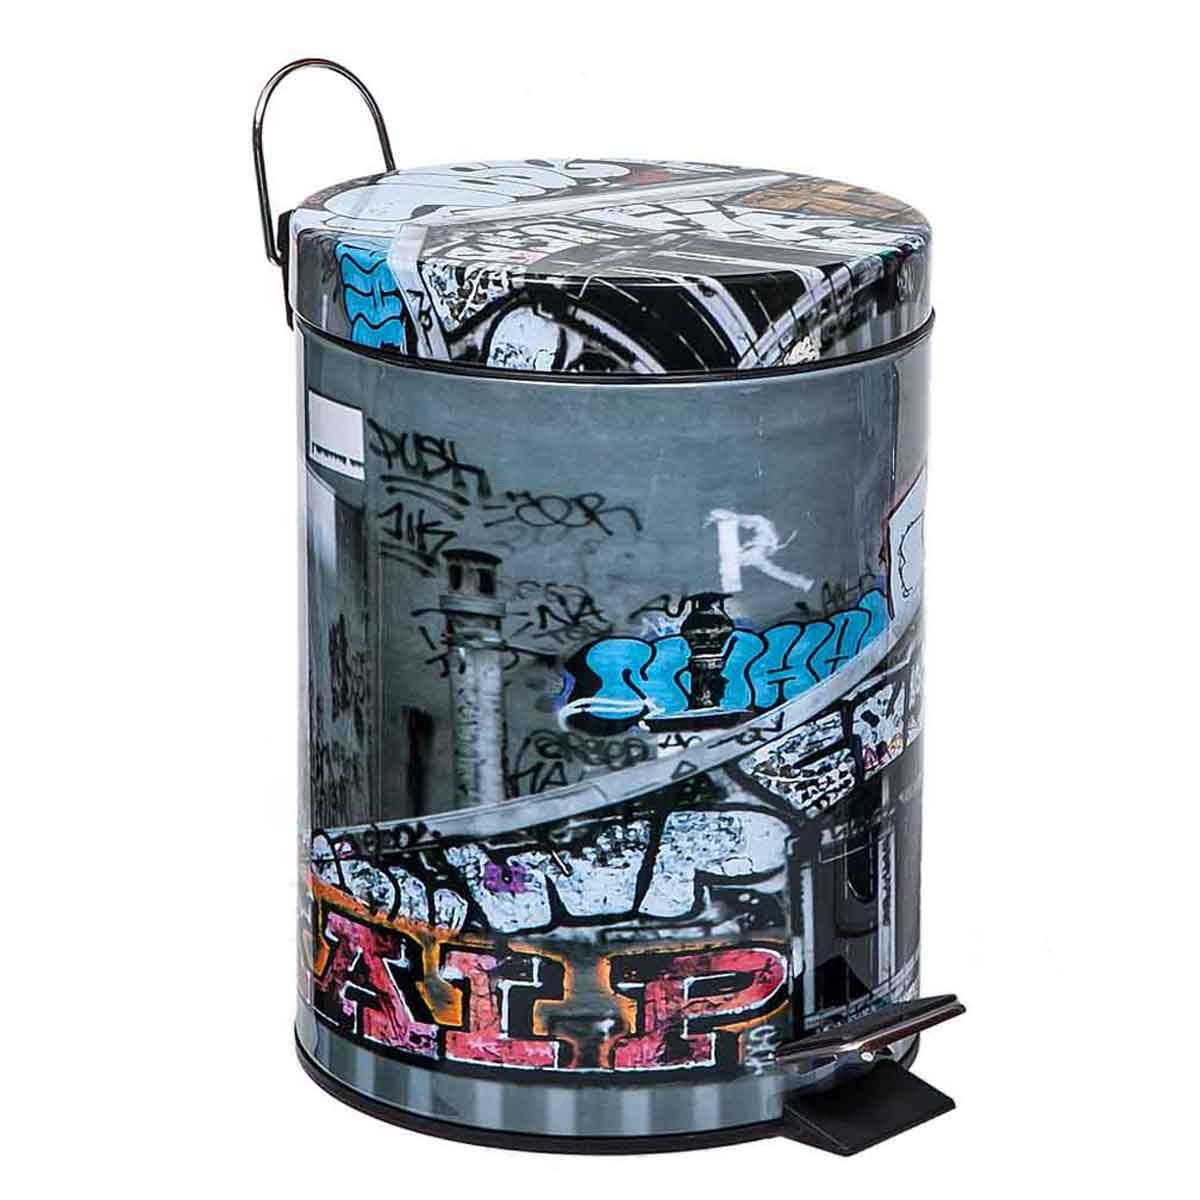 Κάδος Απορριμάτων (21x28) Marva 5Lit Graffity 468004 home   μπάνιο   κάδοι απορριμμάτων